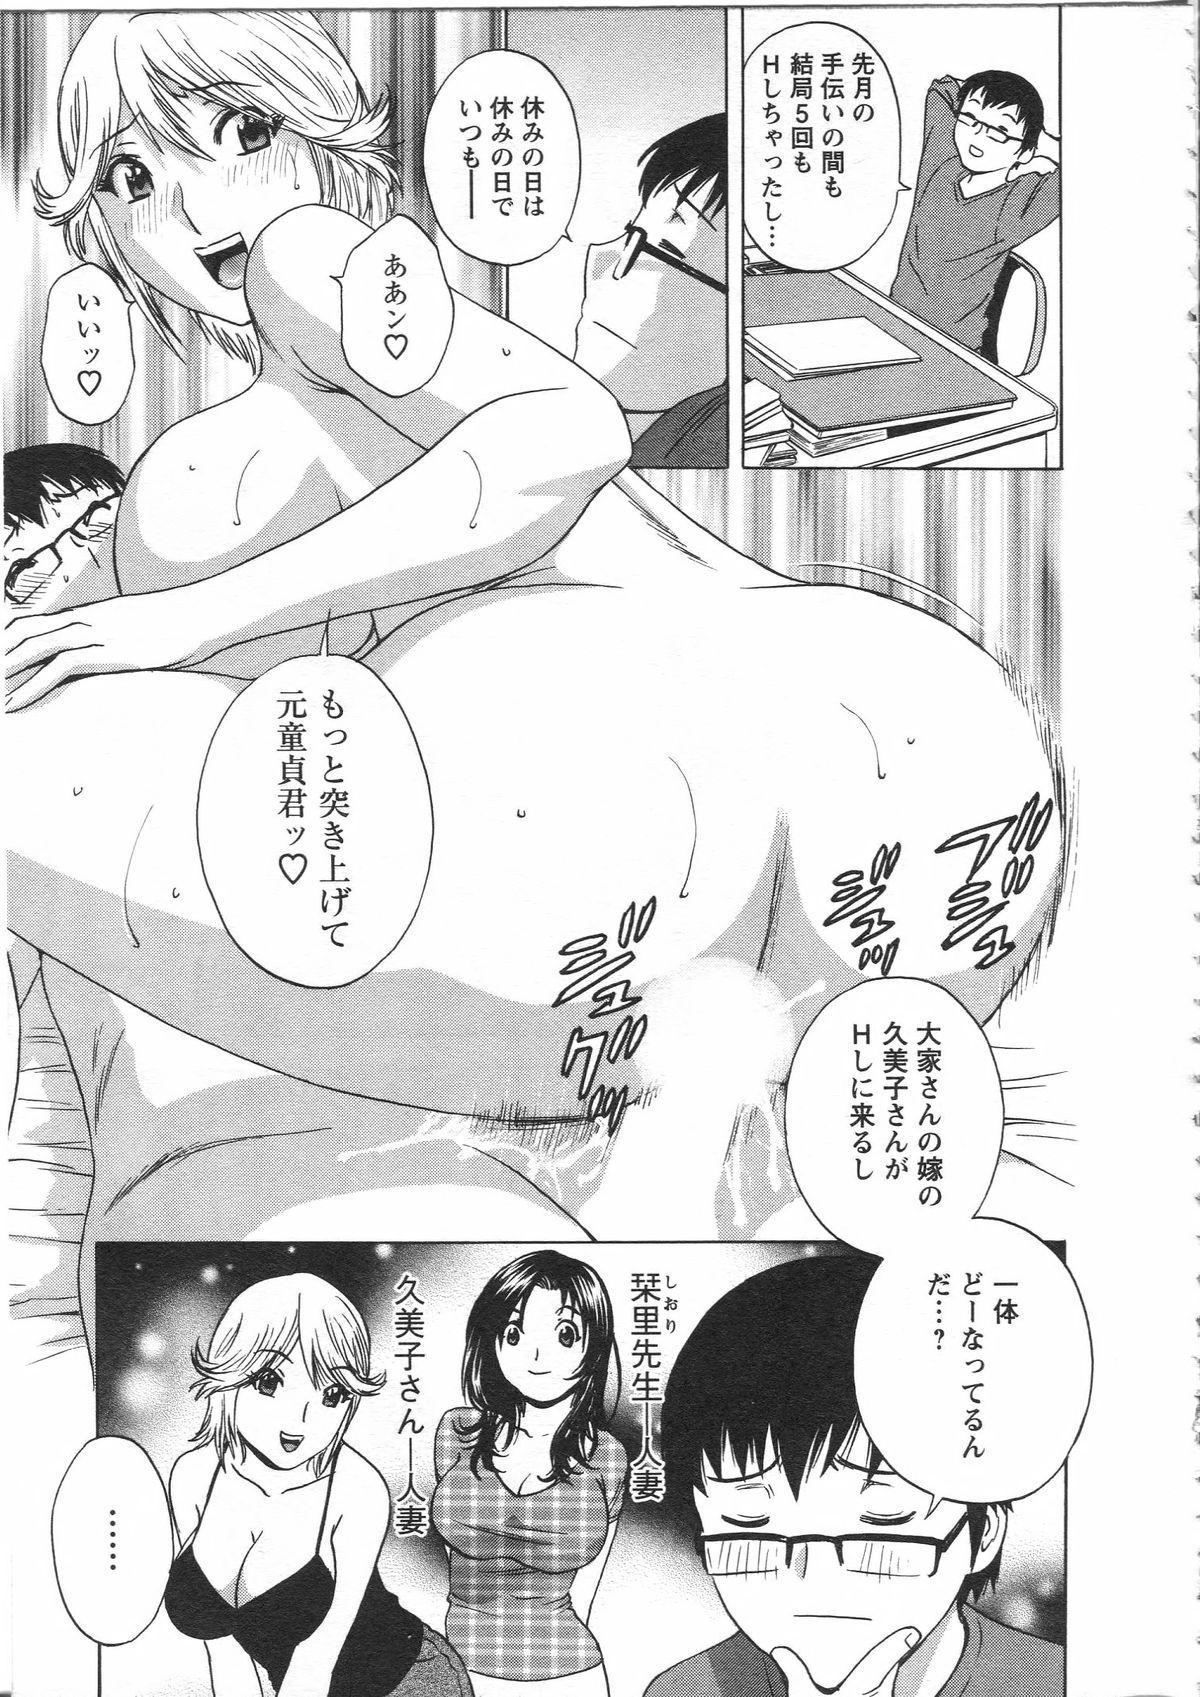 Manga no youna Hitozuma to no Hibi - Days with Married Women such as Comics. 64